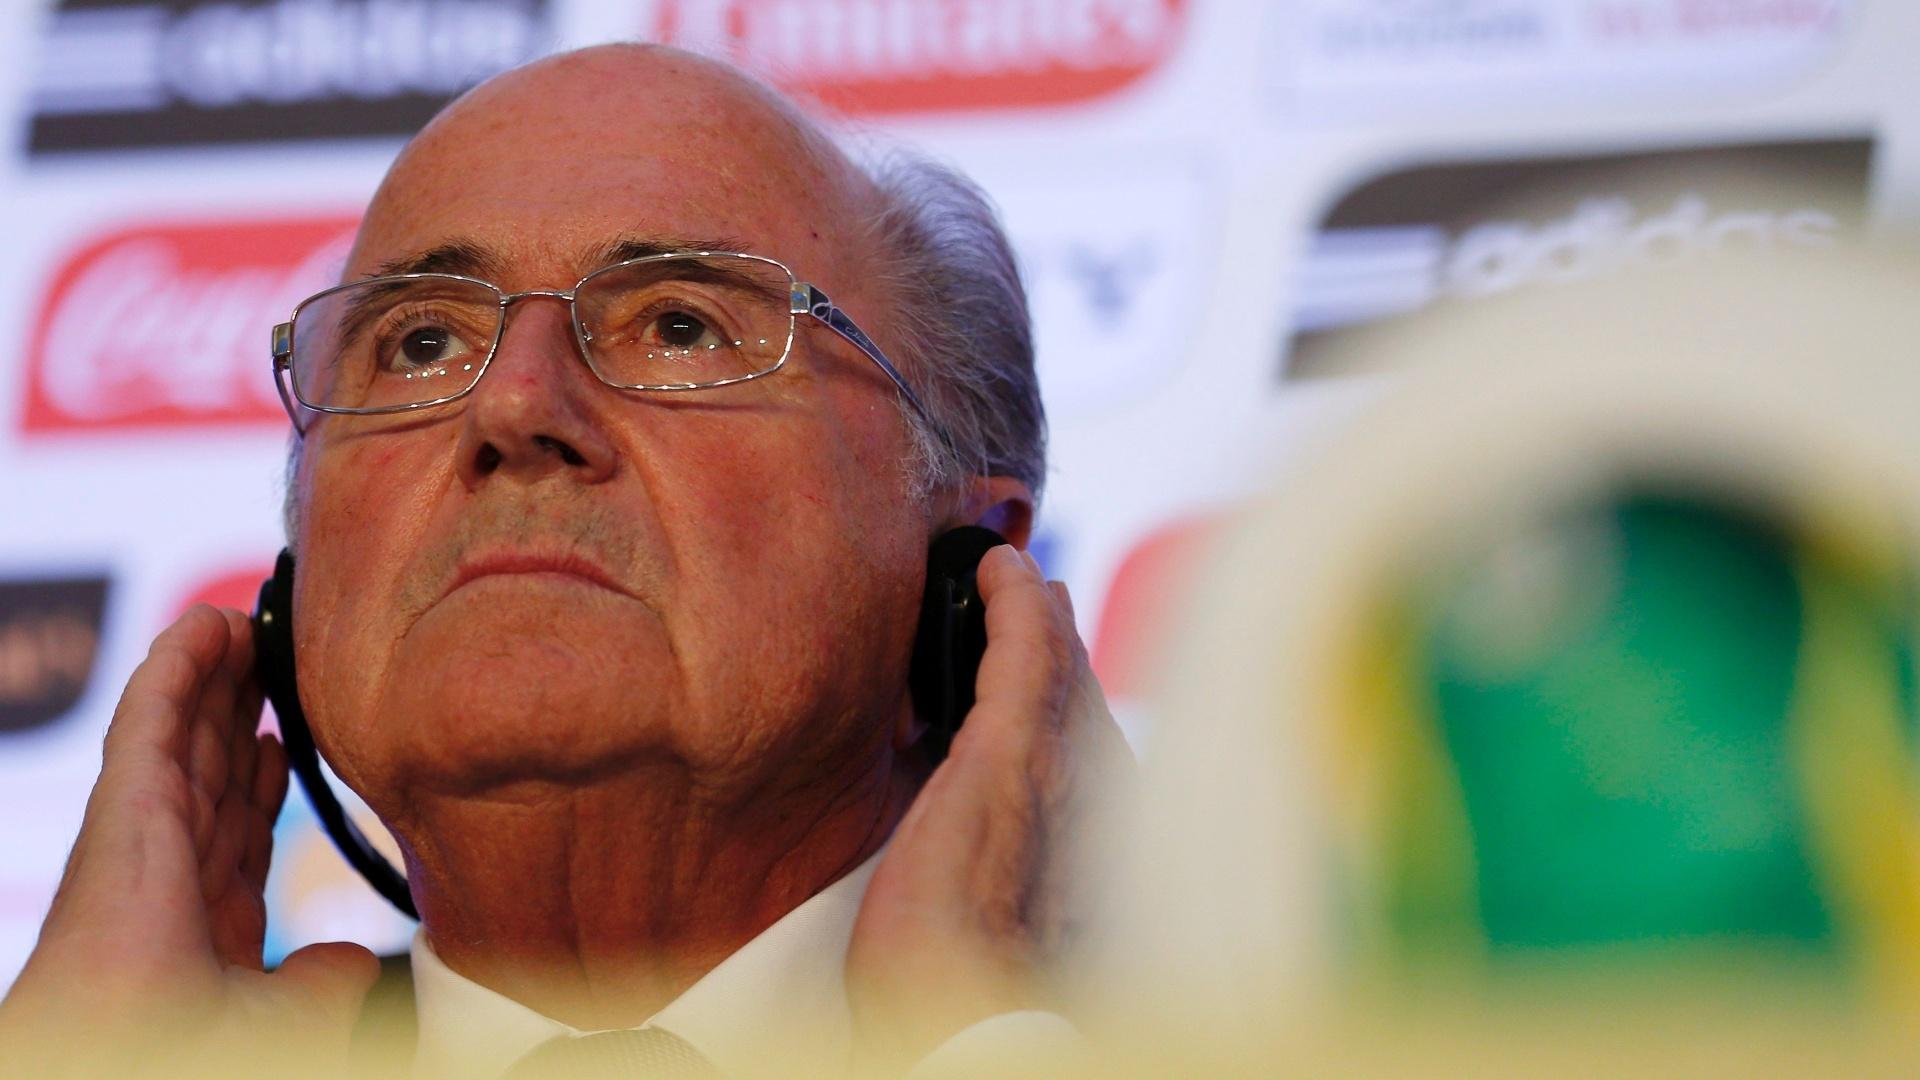 13.jun.2013 - Em evento sobre os preparativos finais para a Copa das Confederações realizado nesta quinta-feira no Rio de Janeiro, o presidente da Fifa, Joseph Blatter (f), admitiu que nenhum dos seis estádios da competição está totalmente pronto